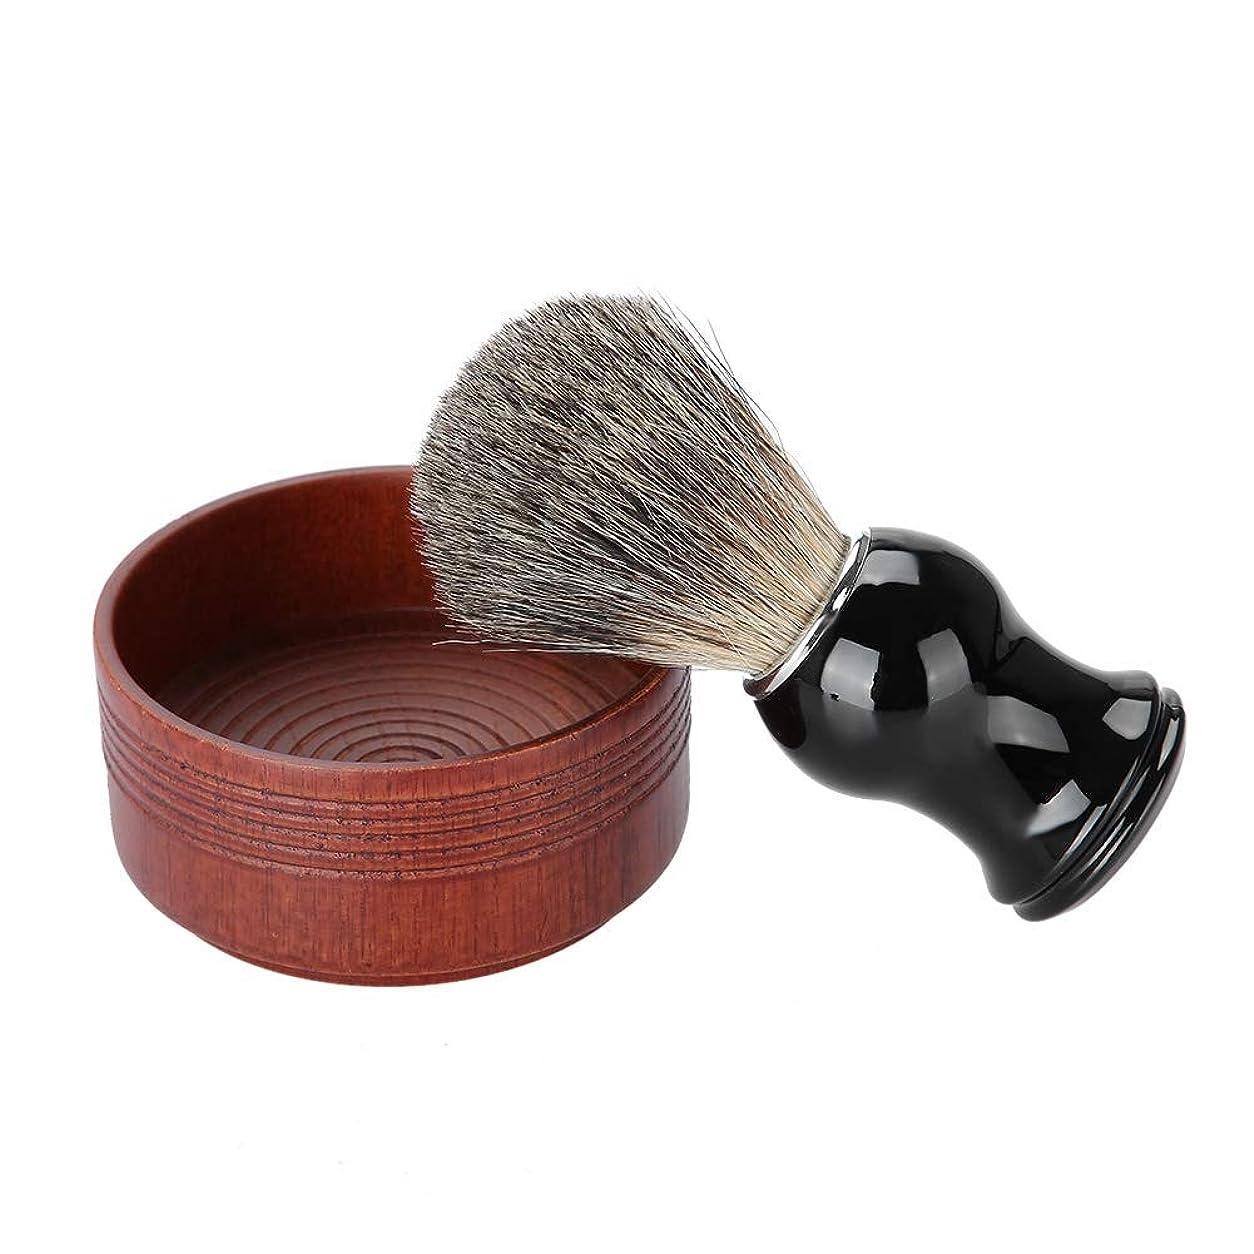 土砂降り発表文句を言うシェービングツールセット、高品質アナグマシェービングブラシと便利な男性の日常生活のニーズに合わせてパンを剃るために使用されるオーク材のボウル